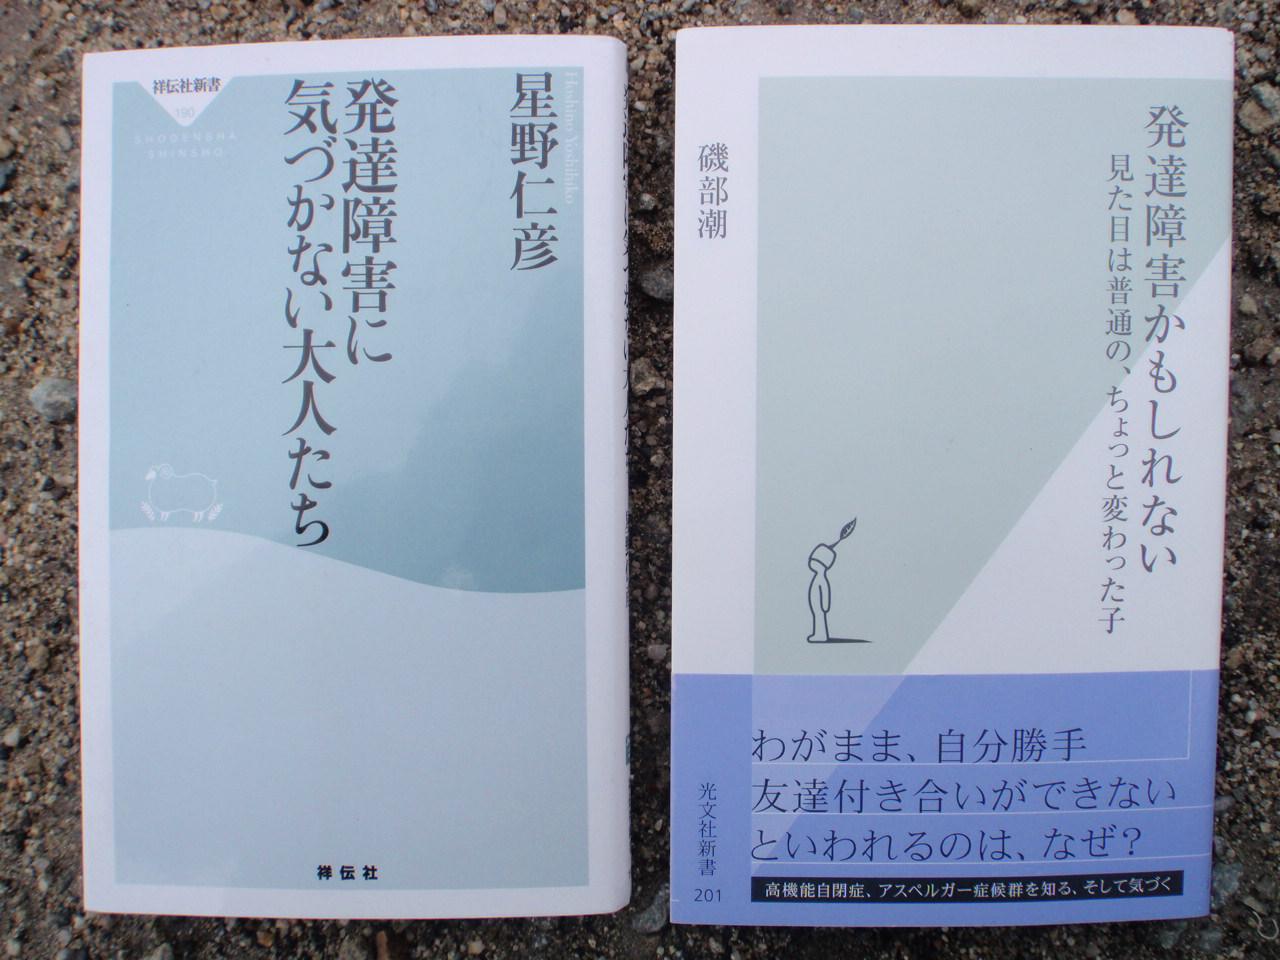 H220211book6_5